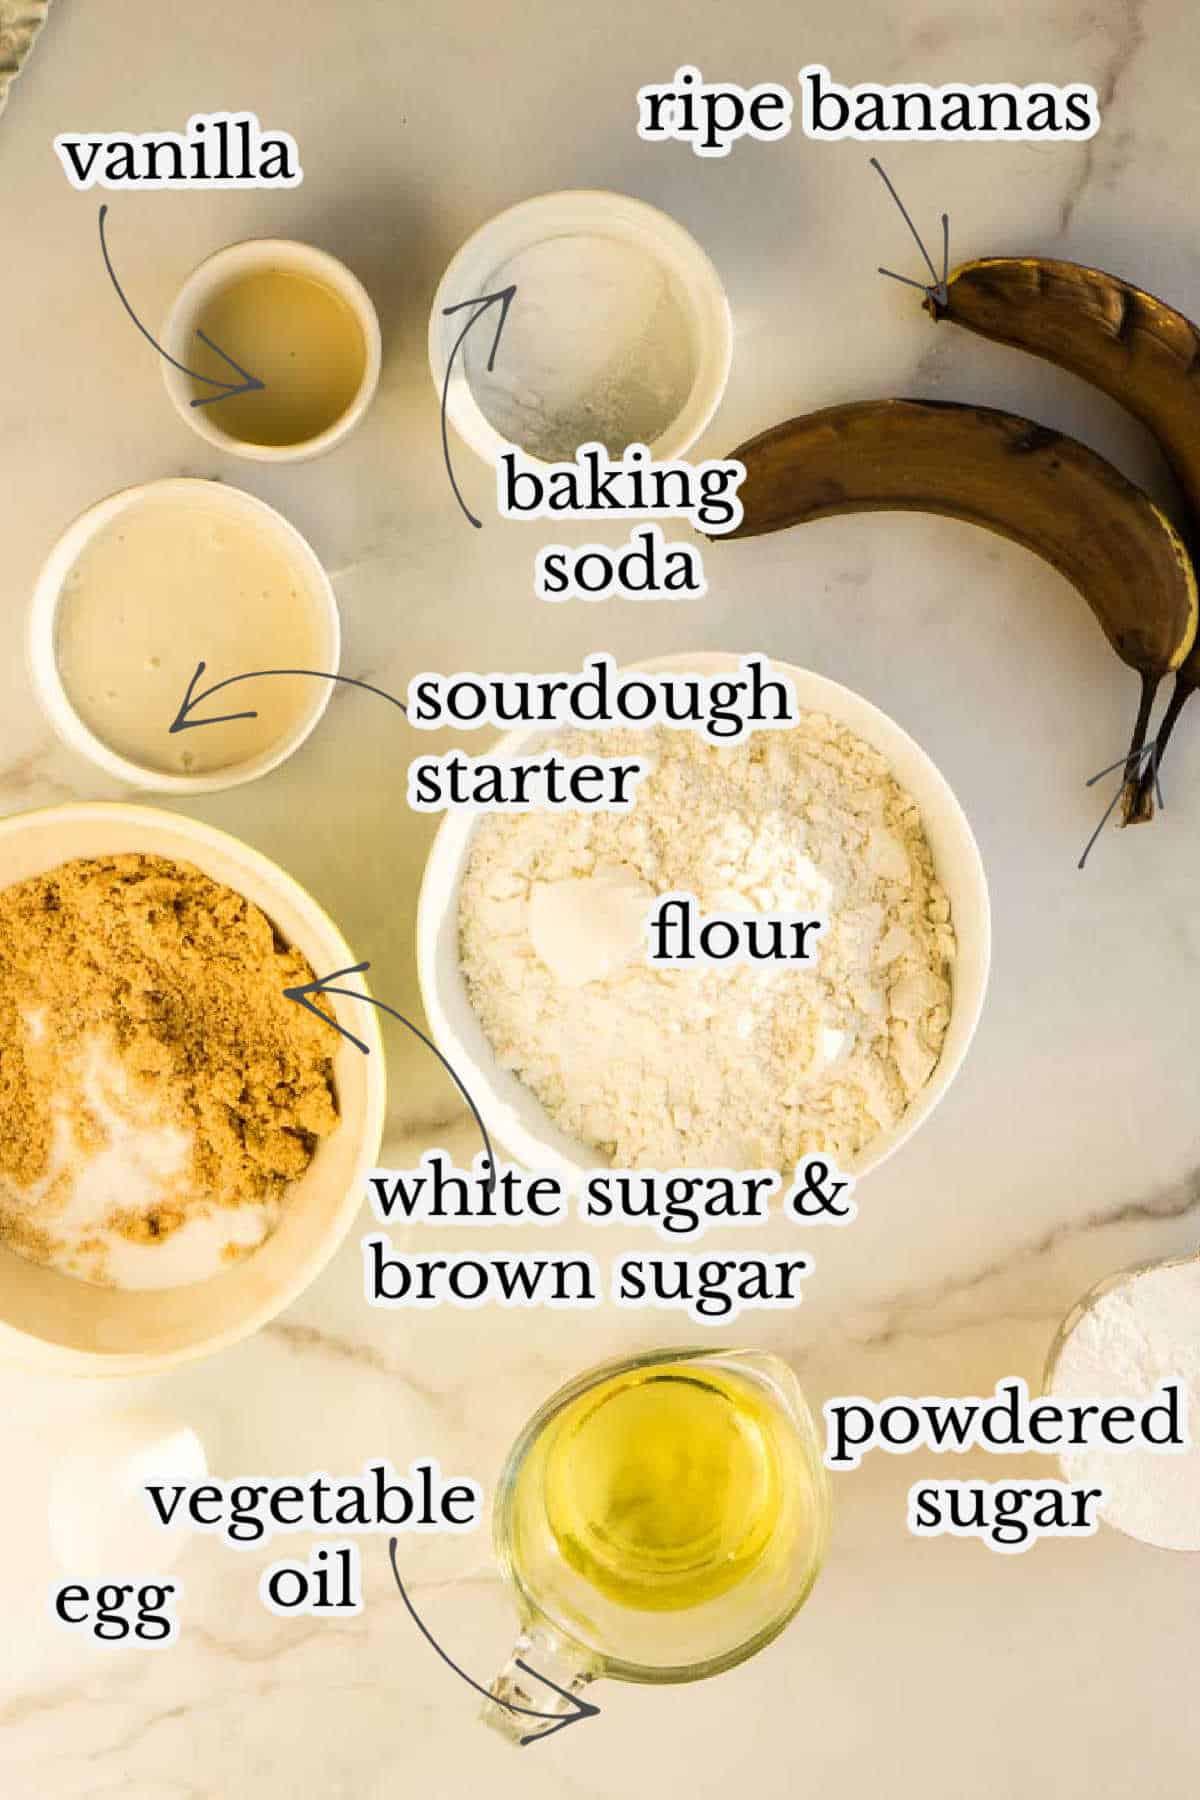 bananas, sourdough starter, baking soda, flour, sugar, powdered sugar on marble counter